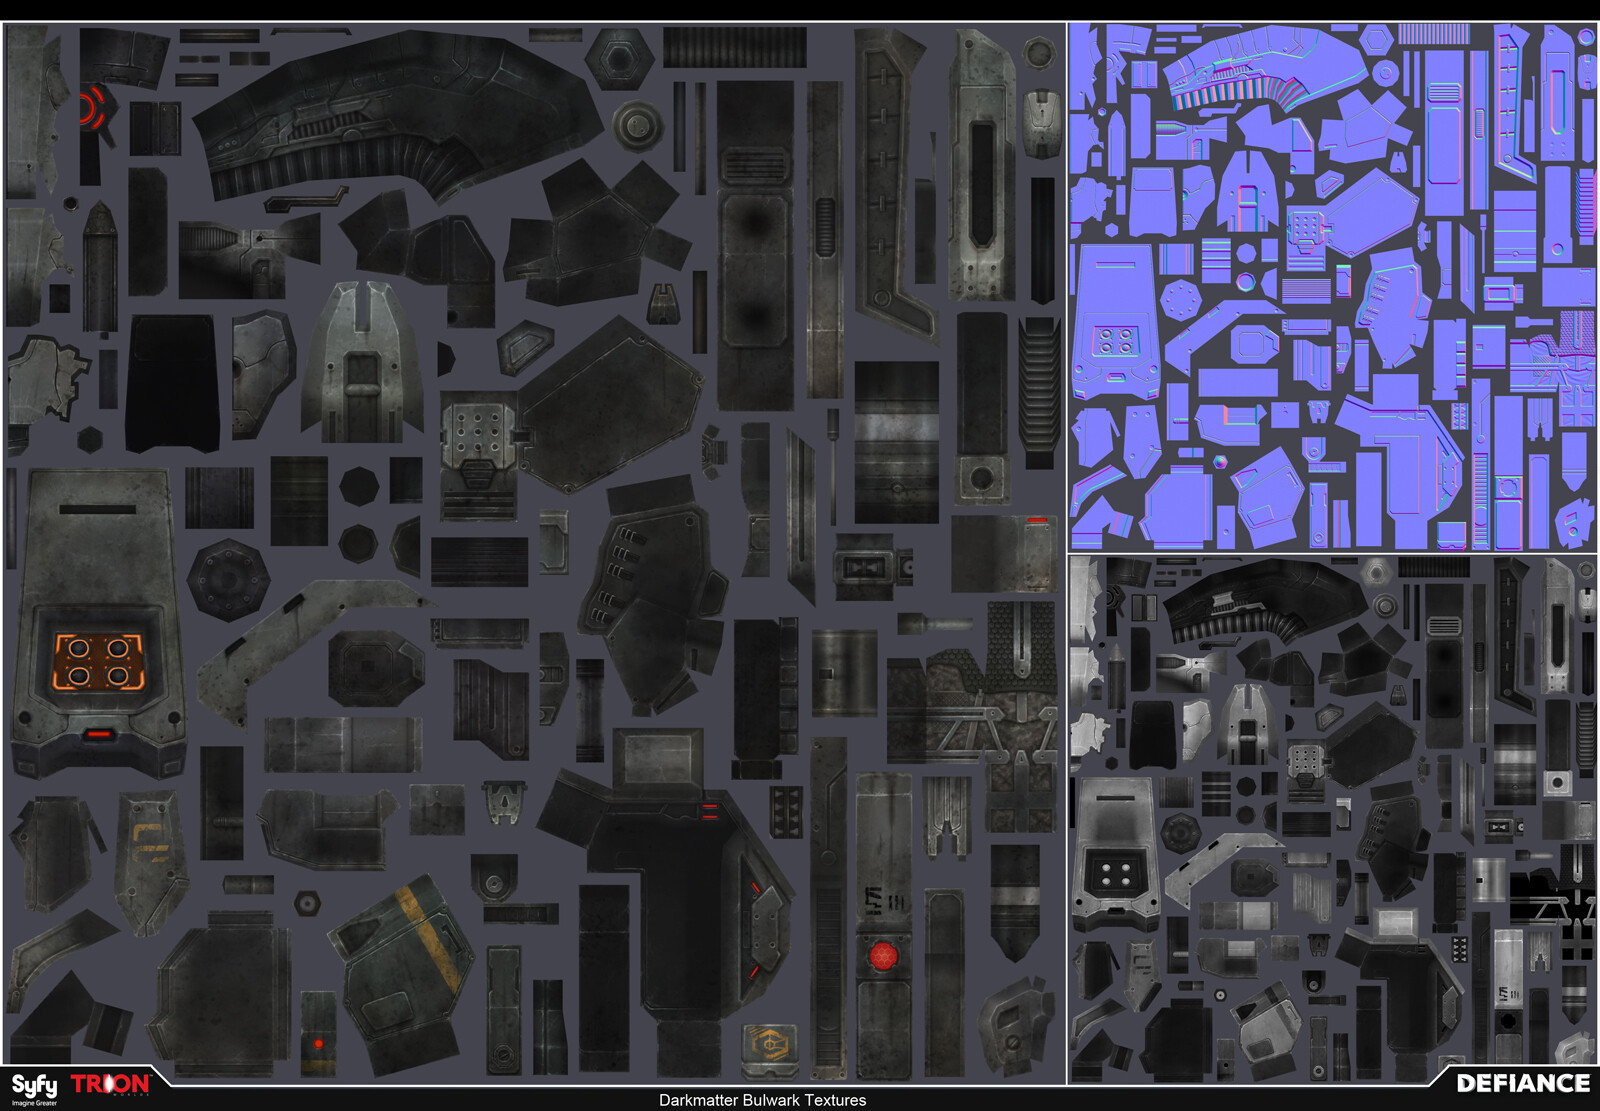 Satoshi arakawa npc darkmatter bulwark textures